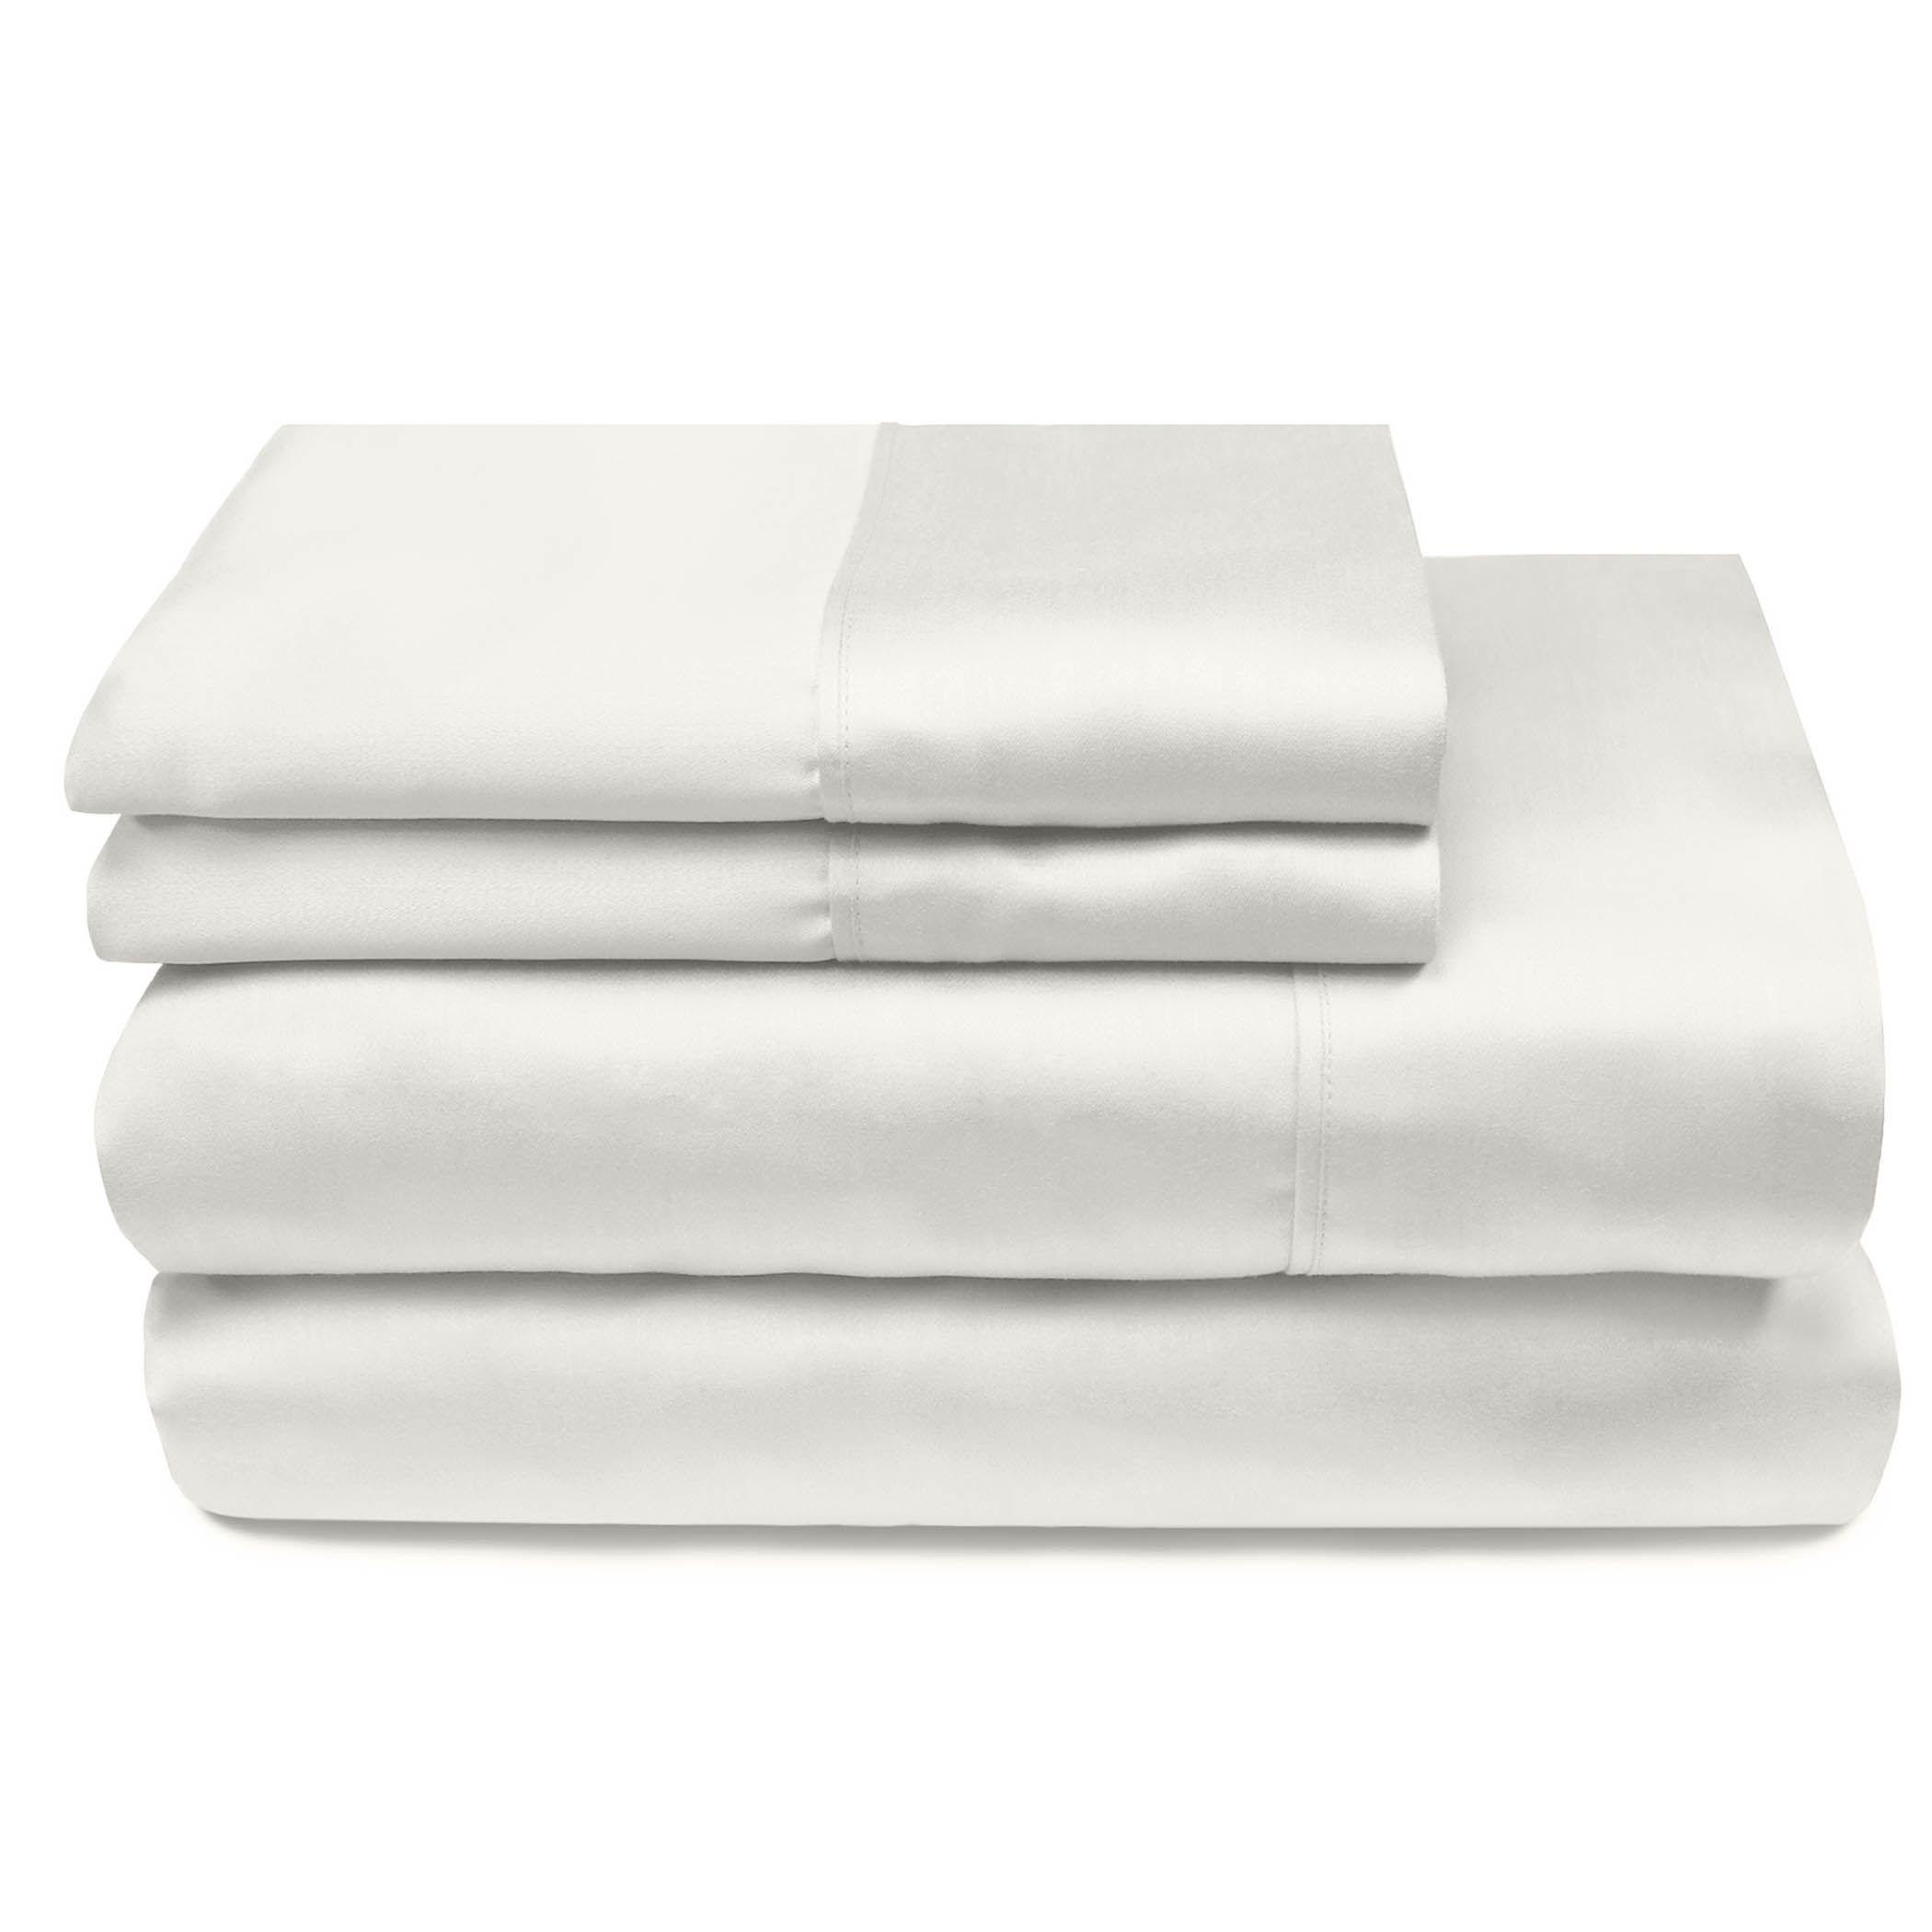 Dorme Sheet Set